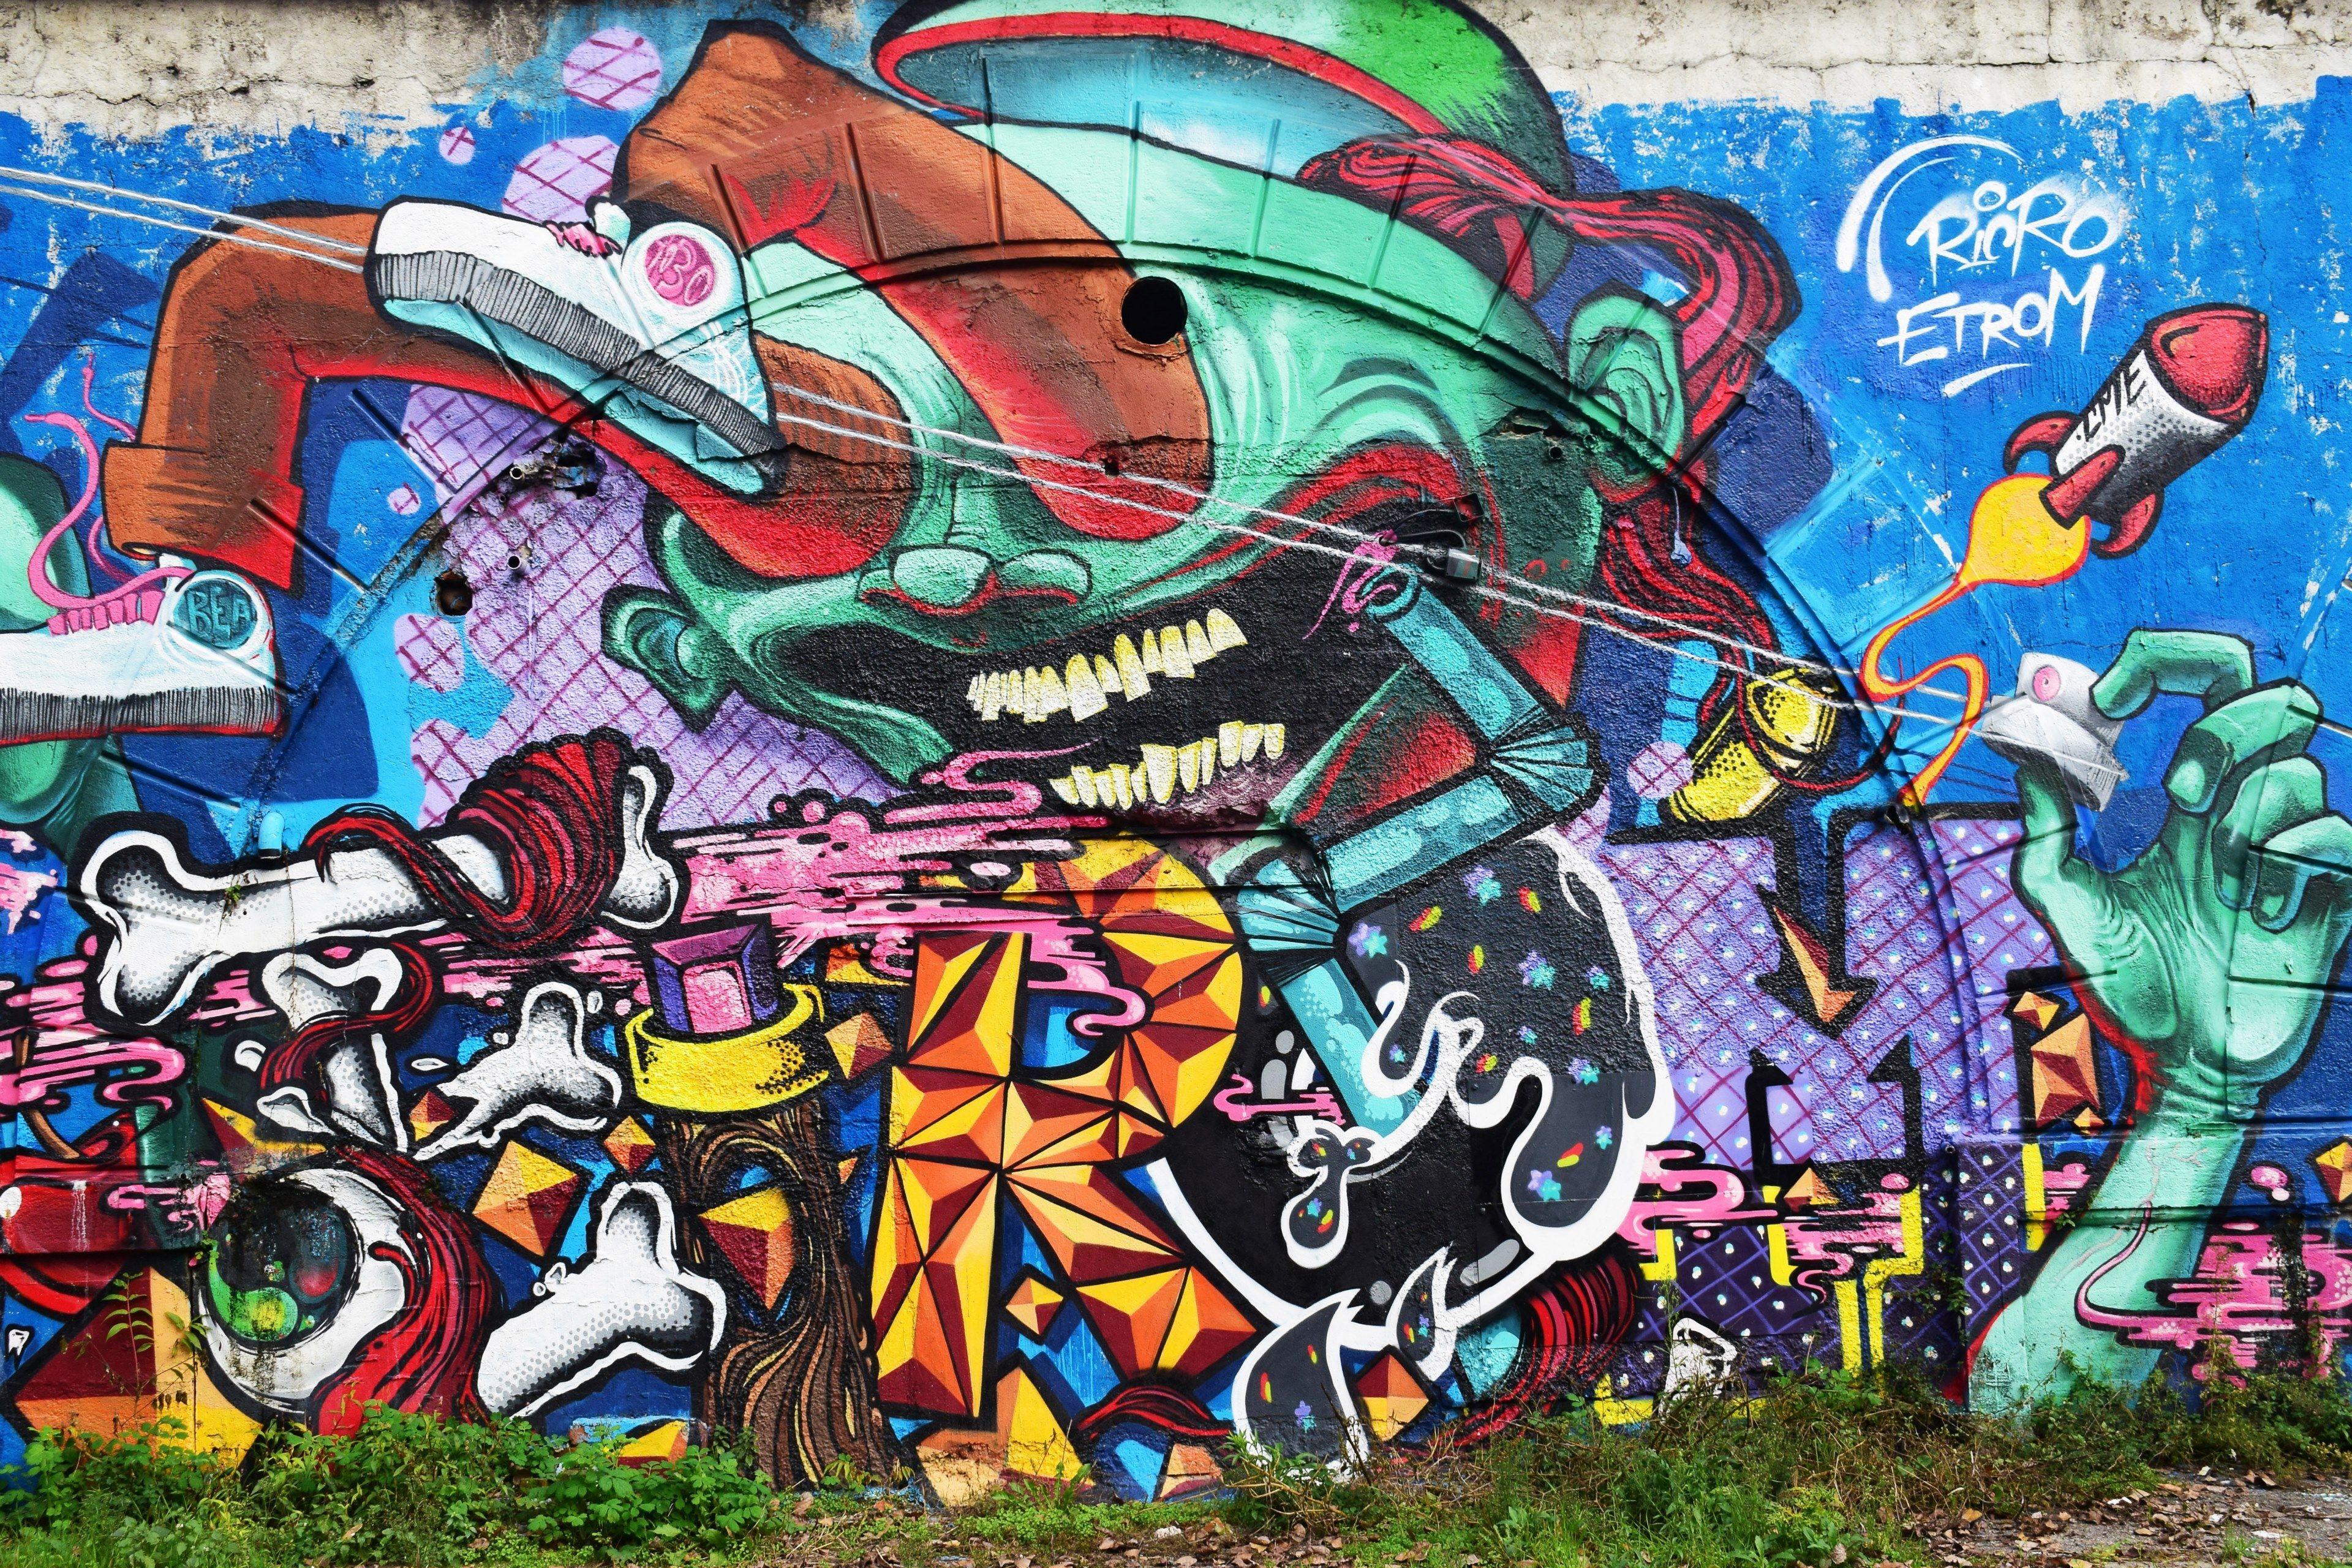 Cartoon graffiti wallpapers top free cartoon graffiti - Crazy cartoon wallpaper ...